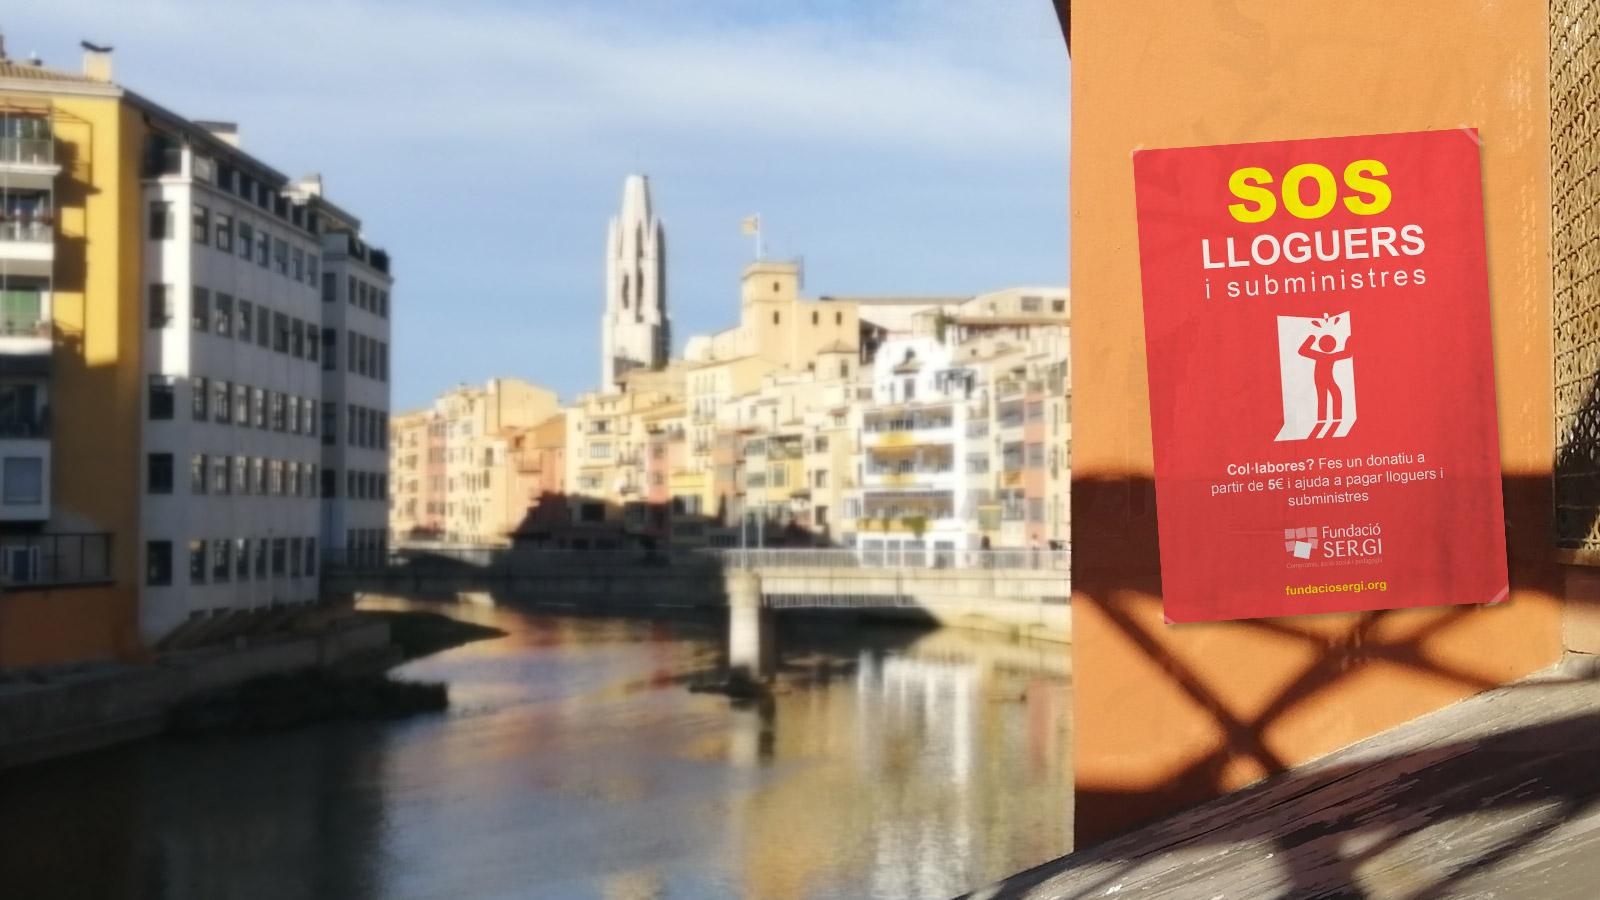 SOS Lloguers i subministres, imatge de campanya a Girona